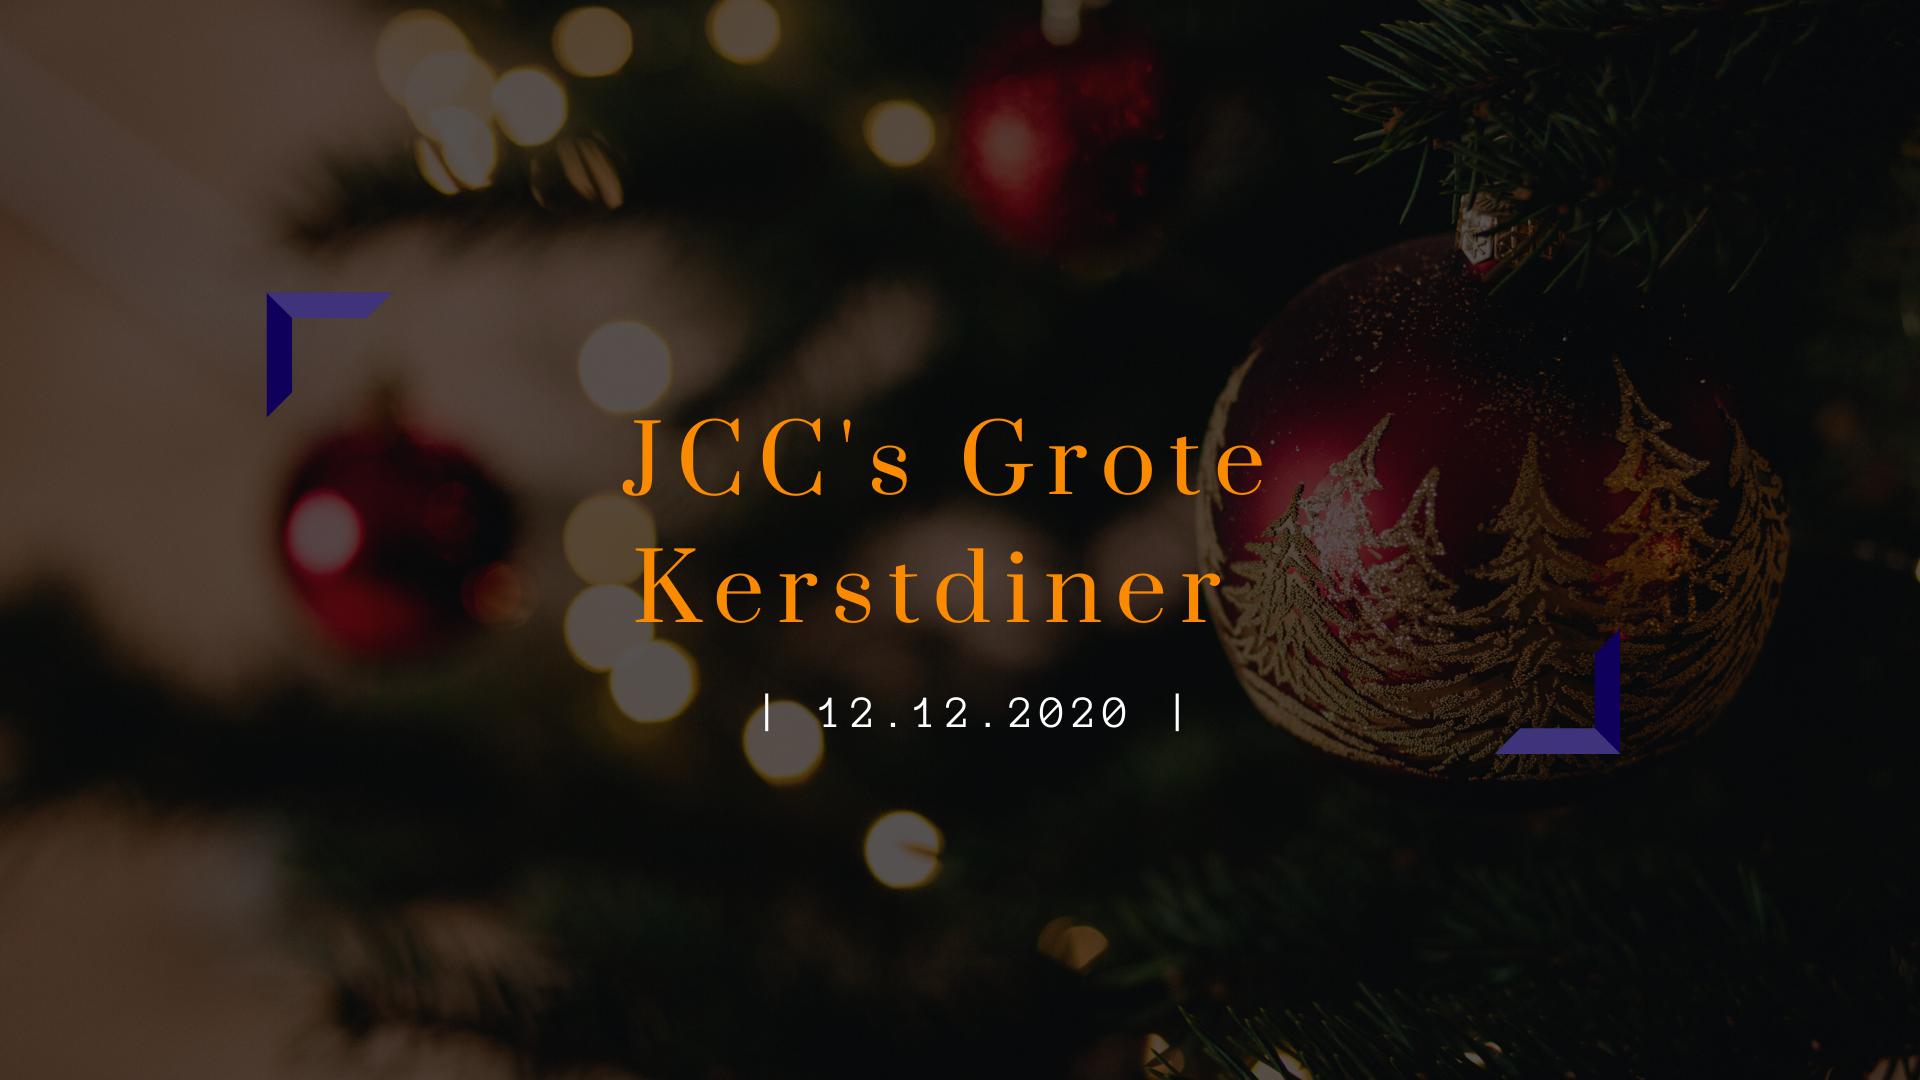 JCC's grote kerstdiner